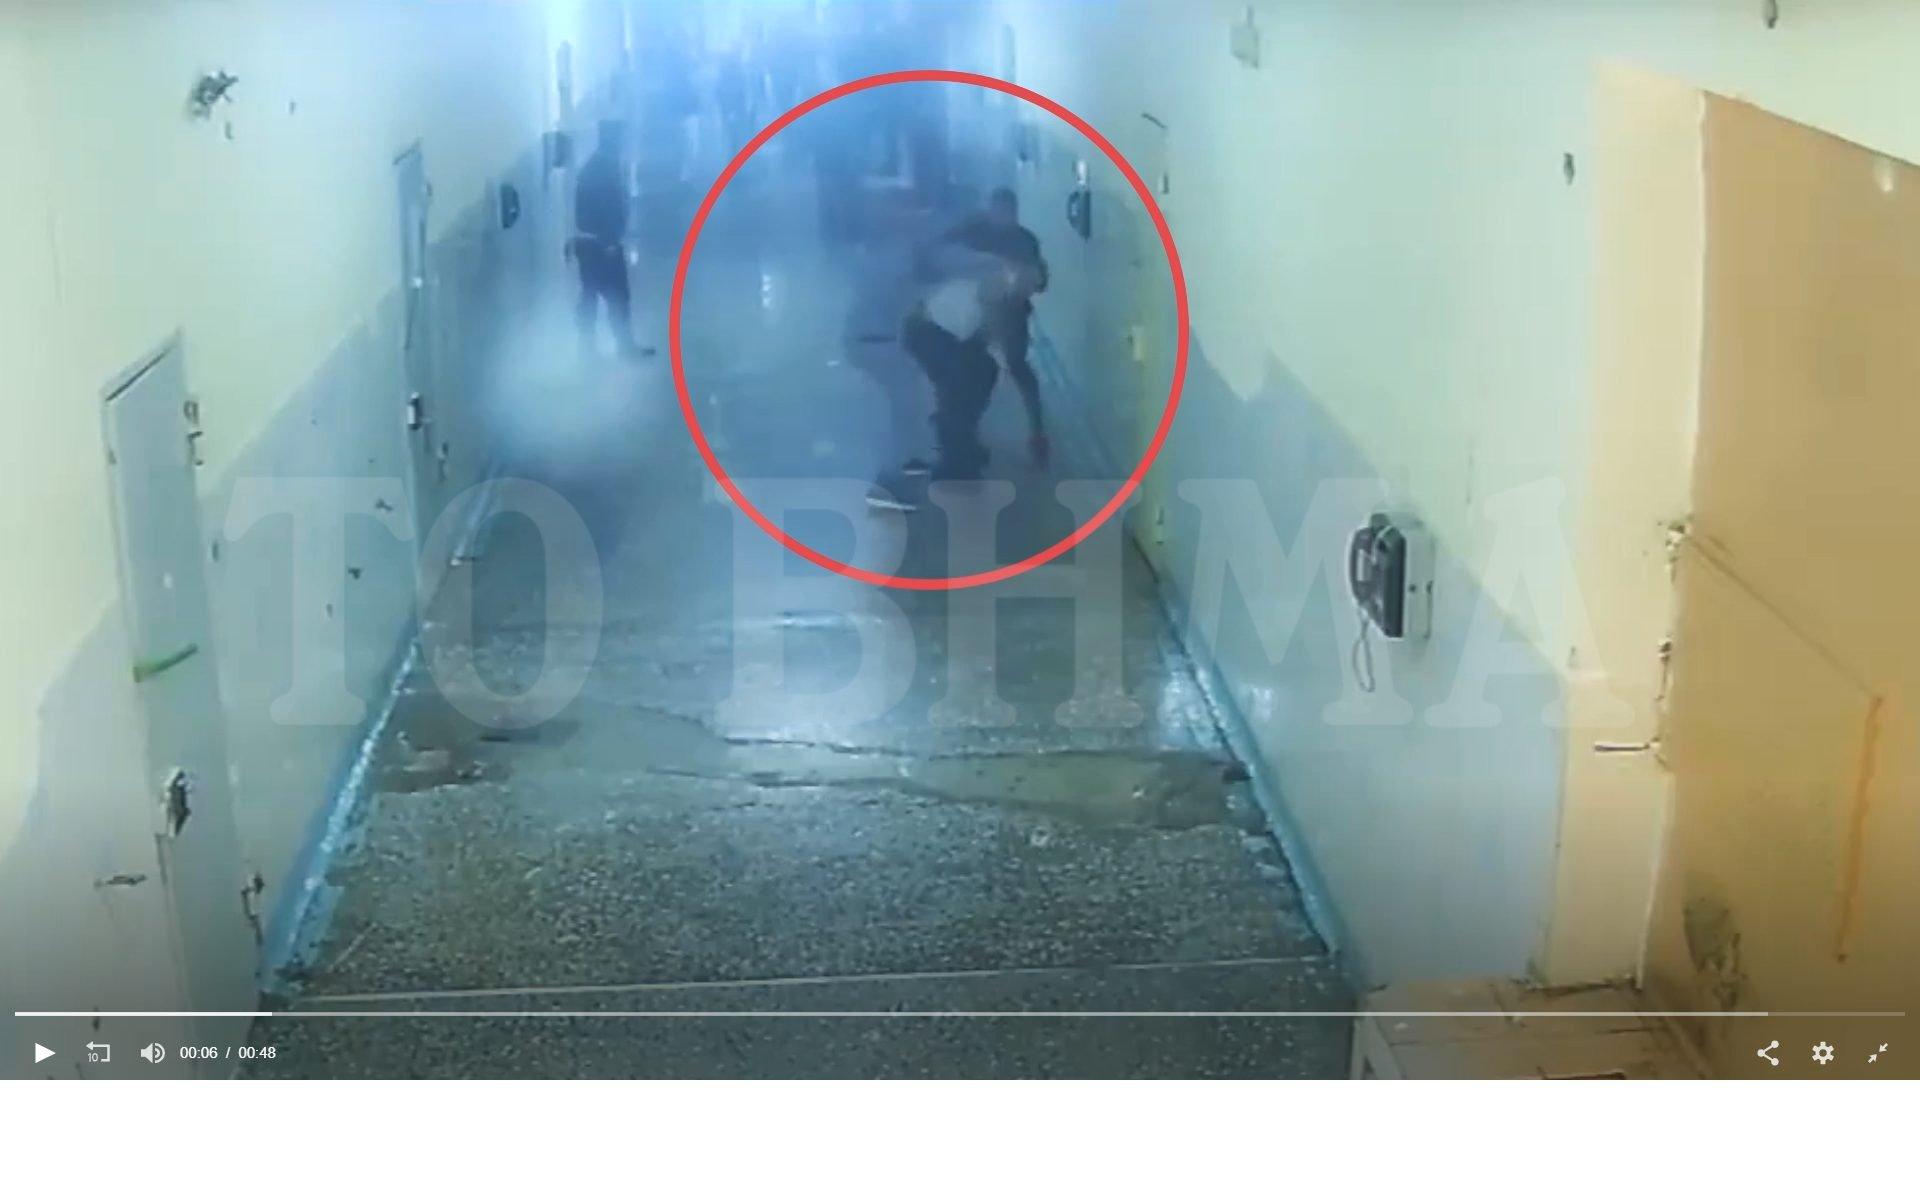 Σοκάρει το βίντεο της δολοφονίας κρατούμενου μέσα στον Κορυδαλλό – Χάος στις φυλακές (video)